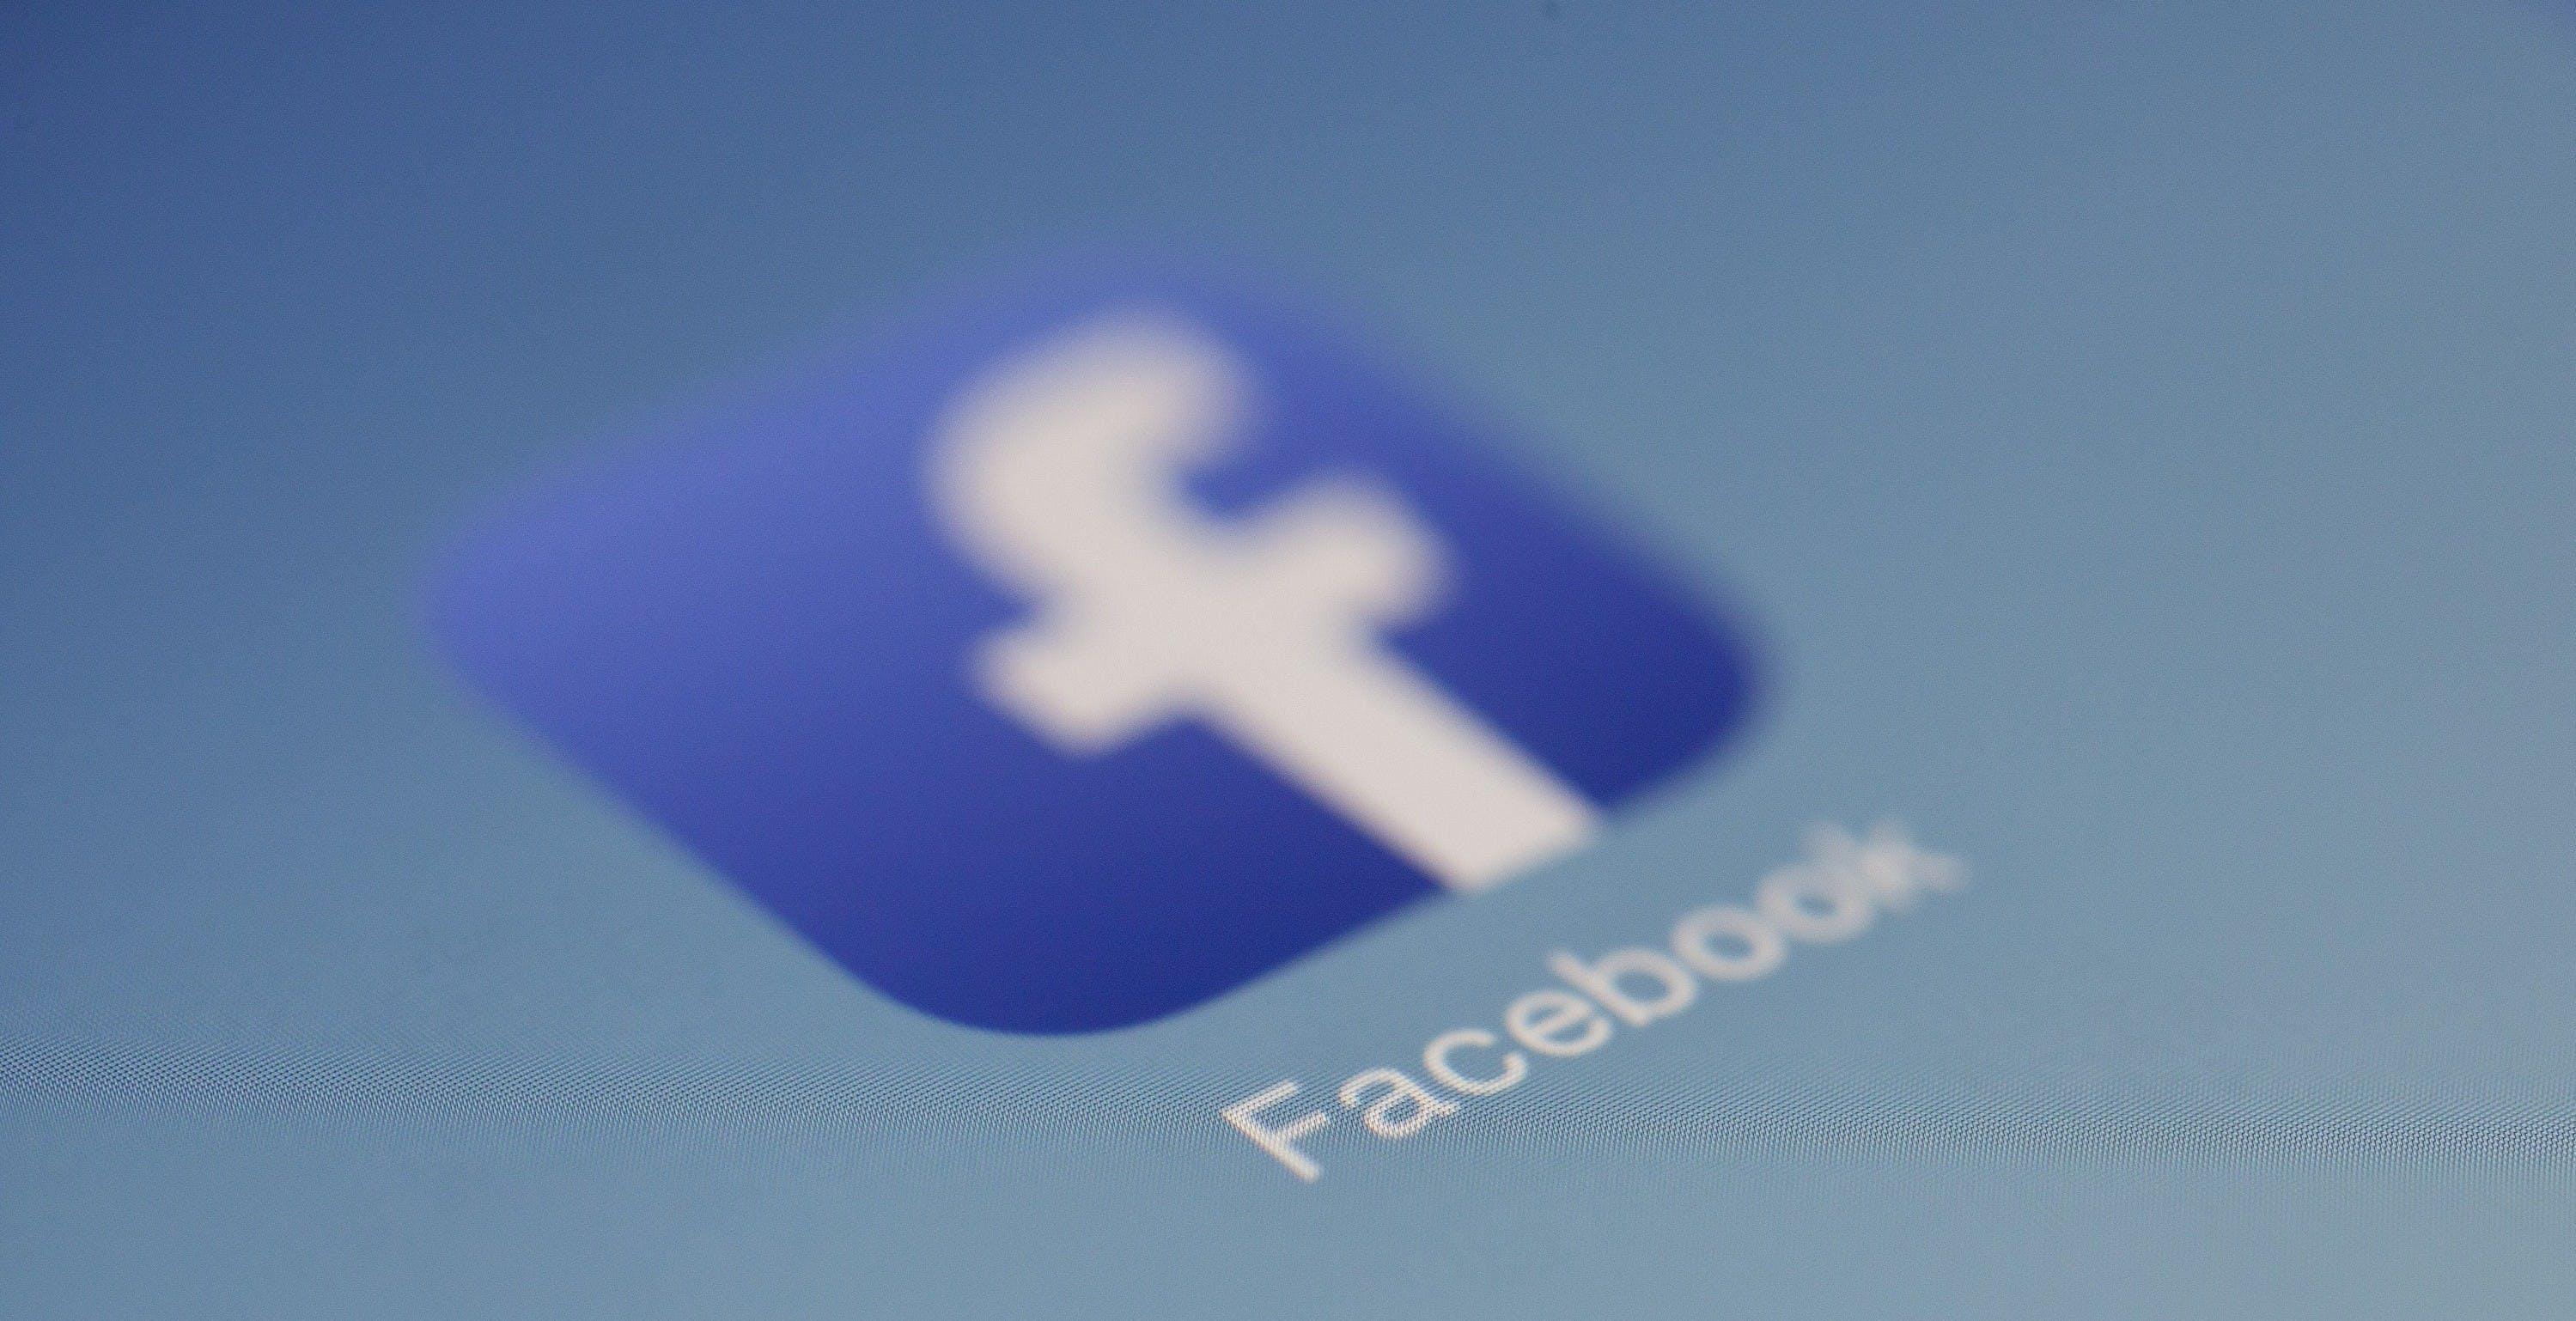 Il Garante della Privacy vuole sapere cosa fa Facebook per verificare l'età degli utenti